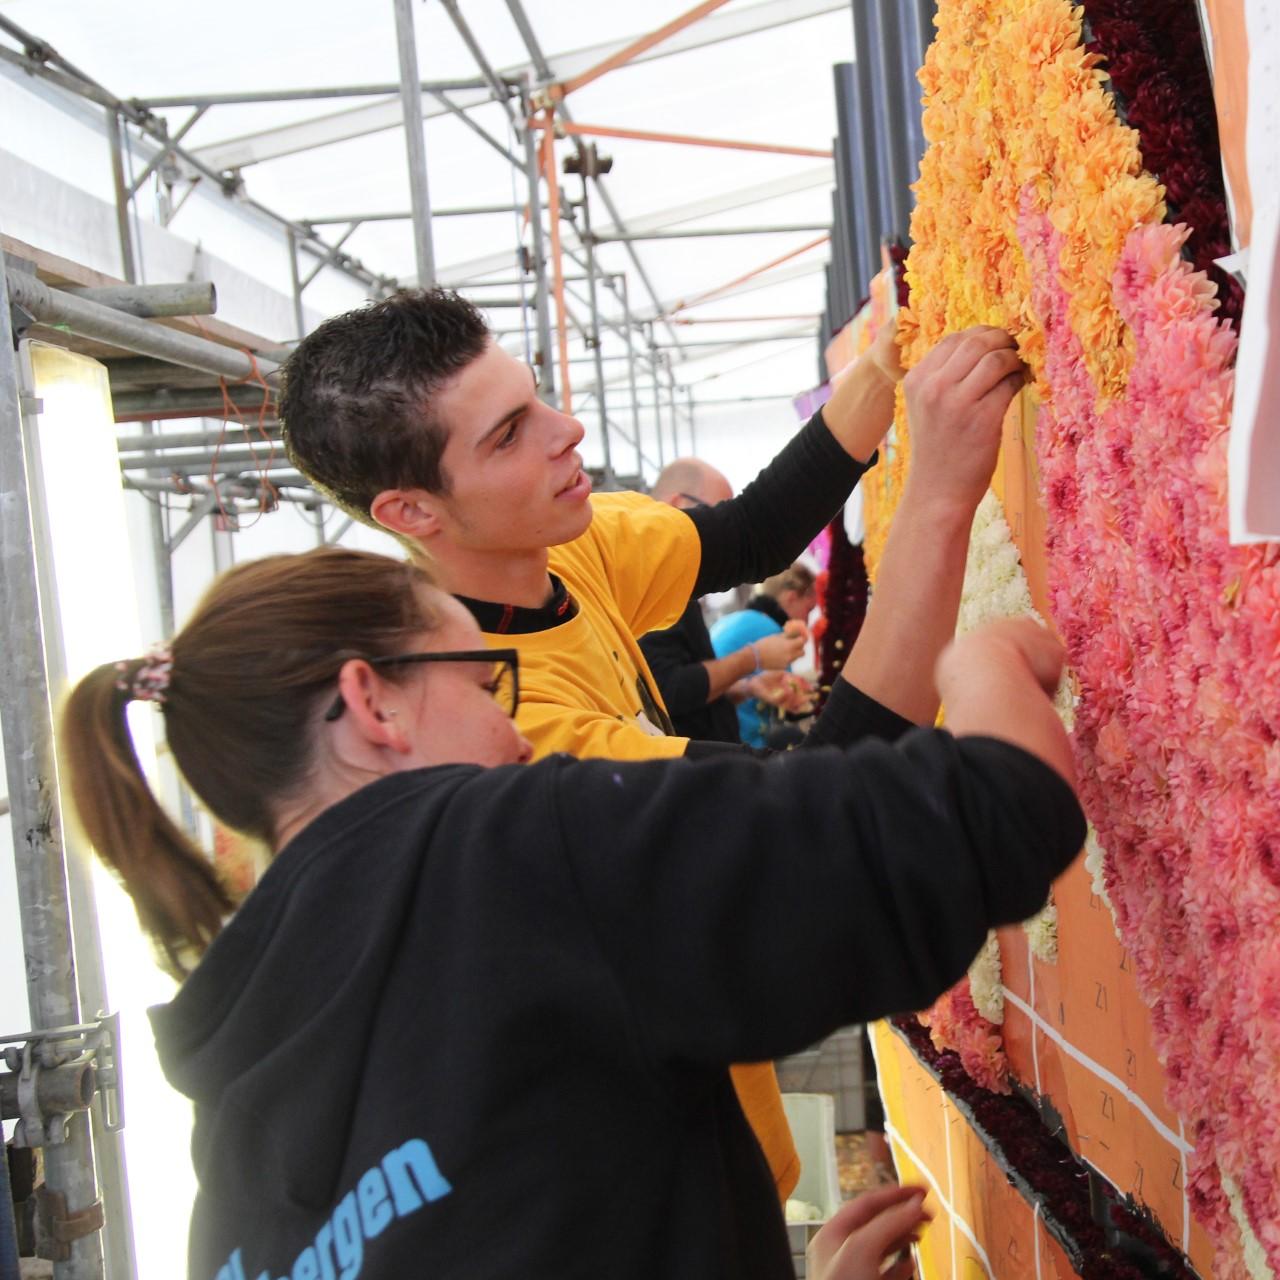 Corso draagt belangrijk bij aan de gemeenschapsvorming, met name bij jongeren